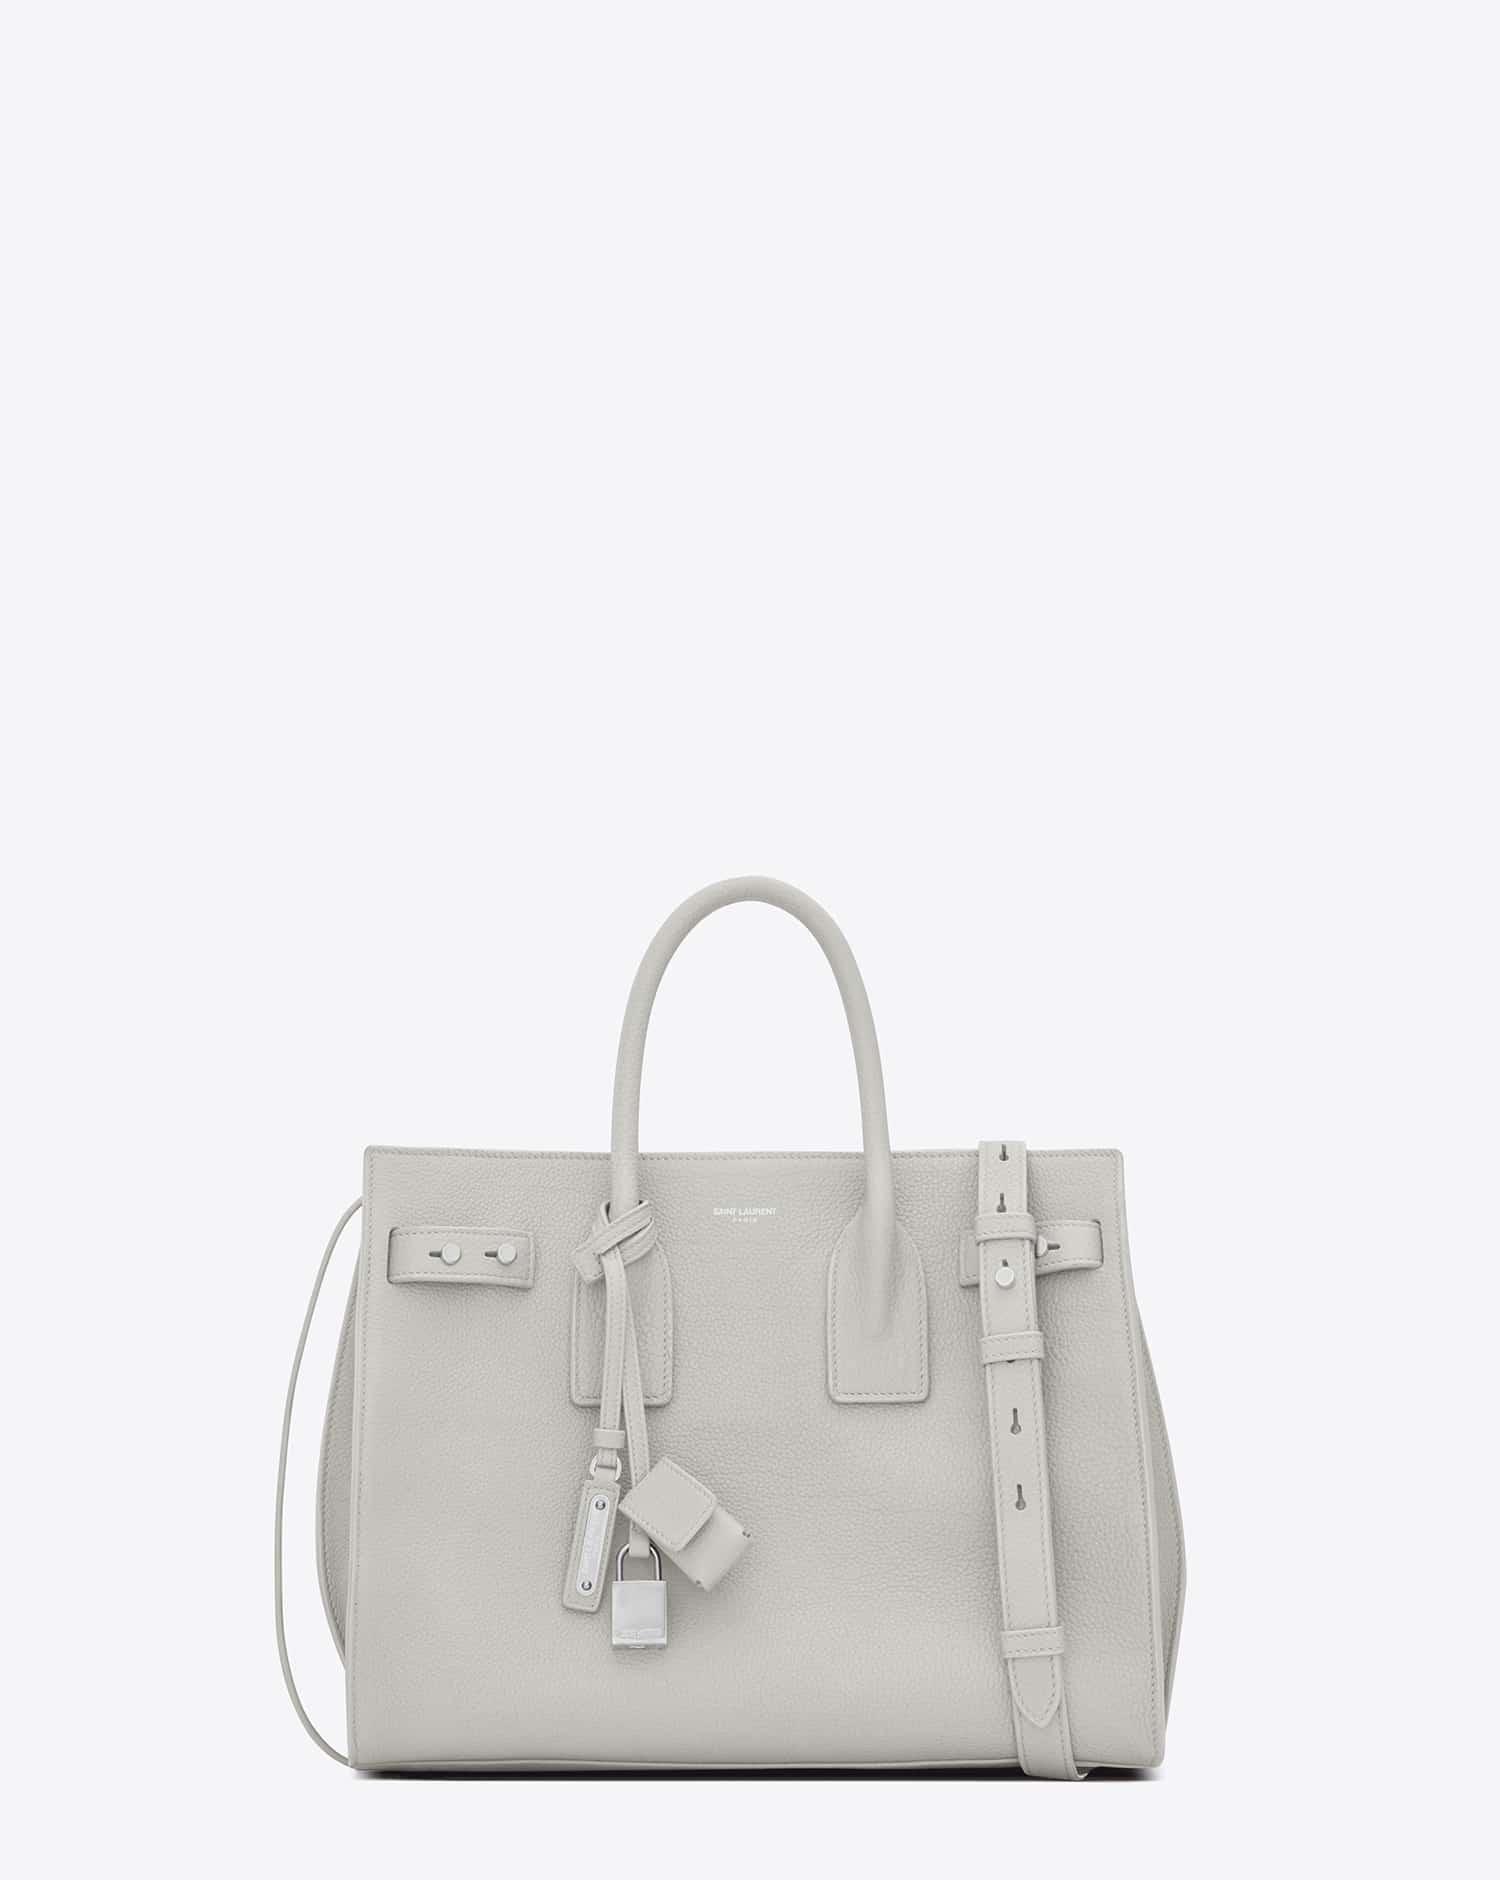 e4e858a1c Saint Laurent Sac De Jour Souple Bag Reference Guide | Spotted Fashion